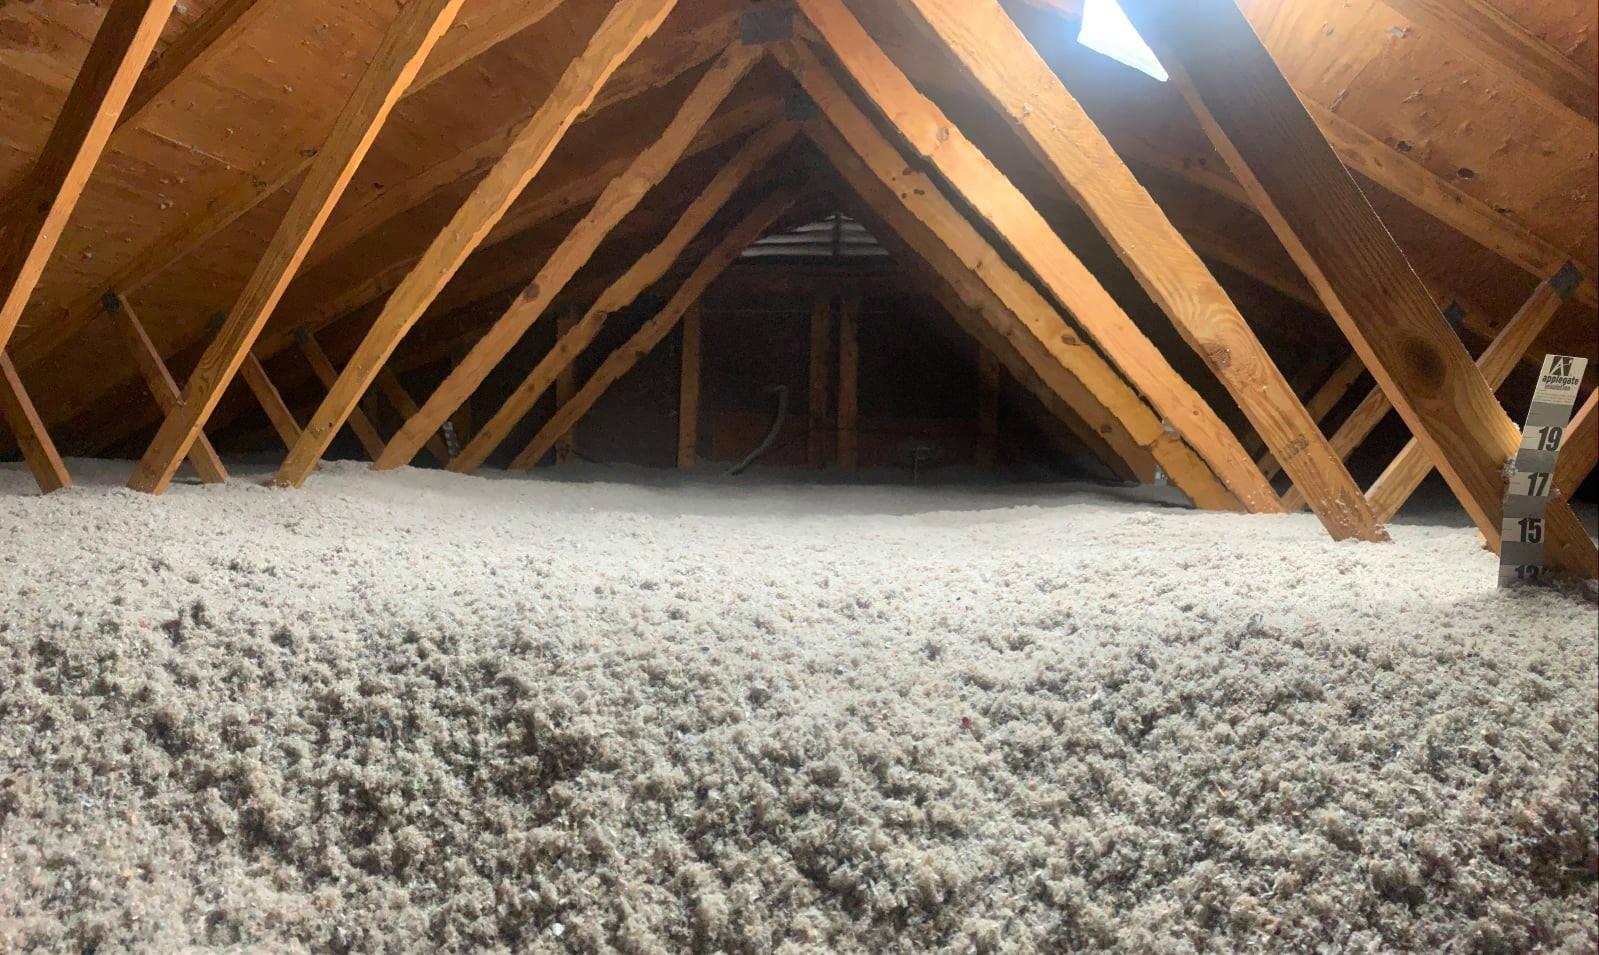 attic full of cellulose insulation